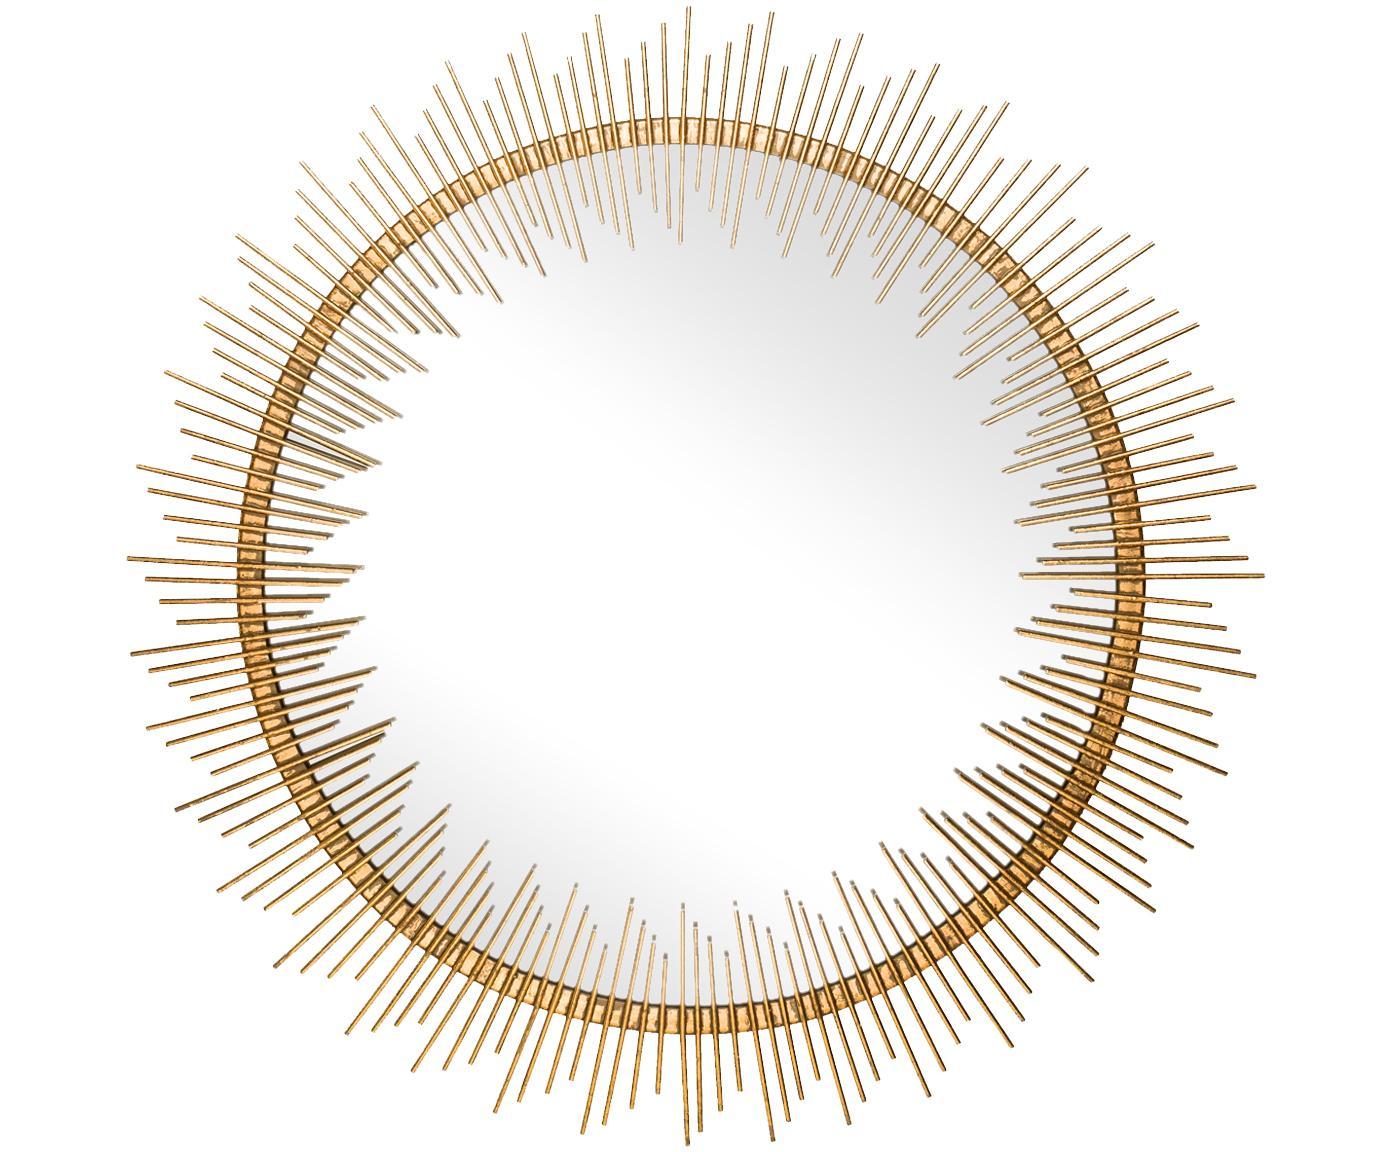 Wandspiegel Cleo, Rahmen: Metall mit ungleichmäßige, Spiegelfläche: Spiegelglas, Goldfarben, Ø 76 cm